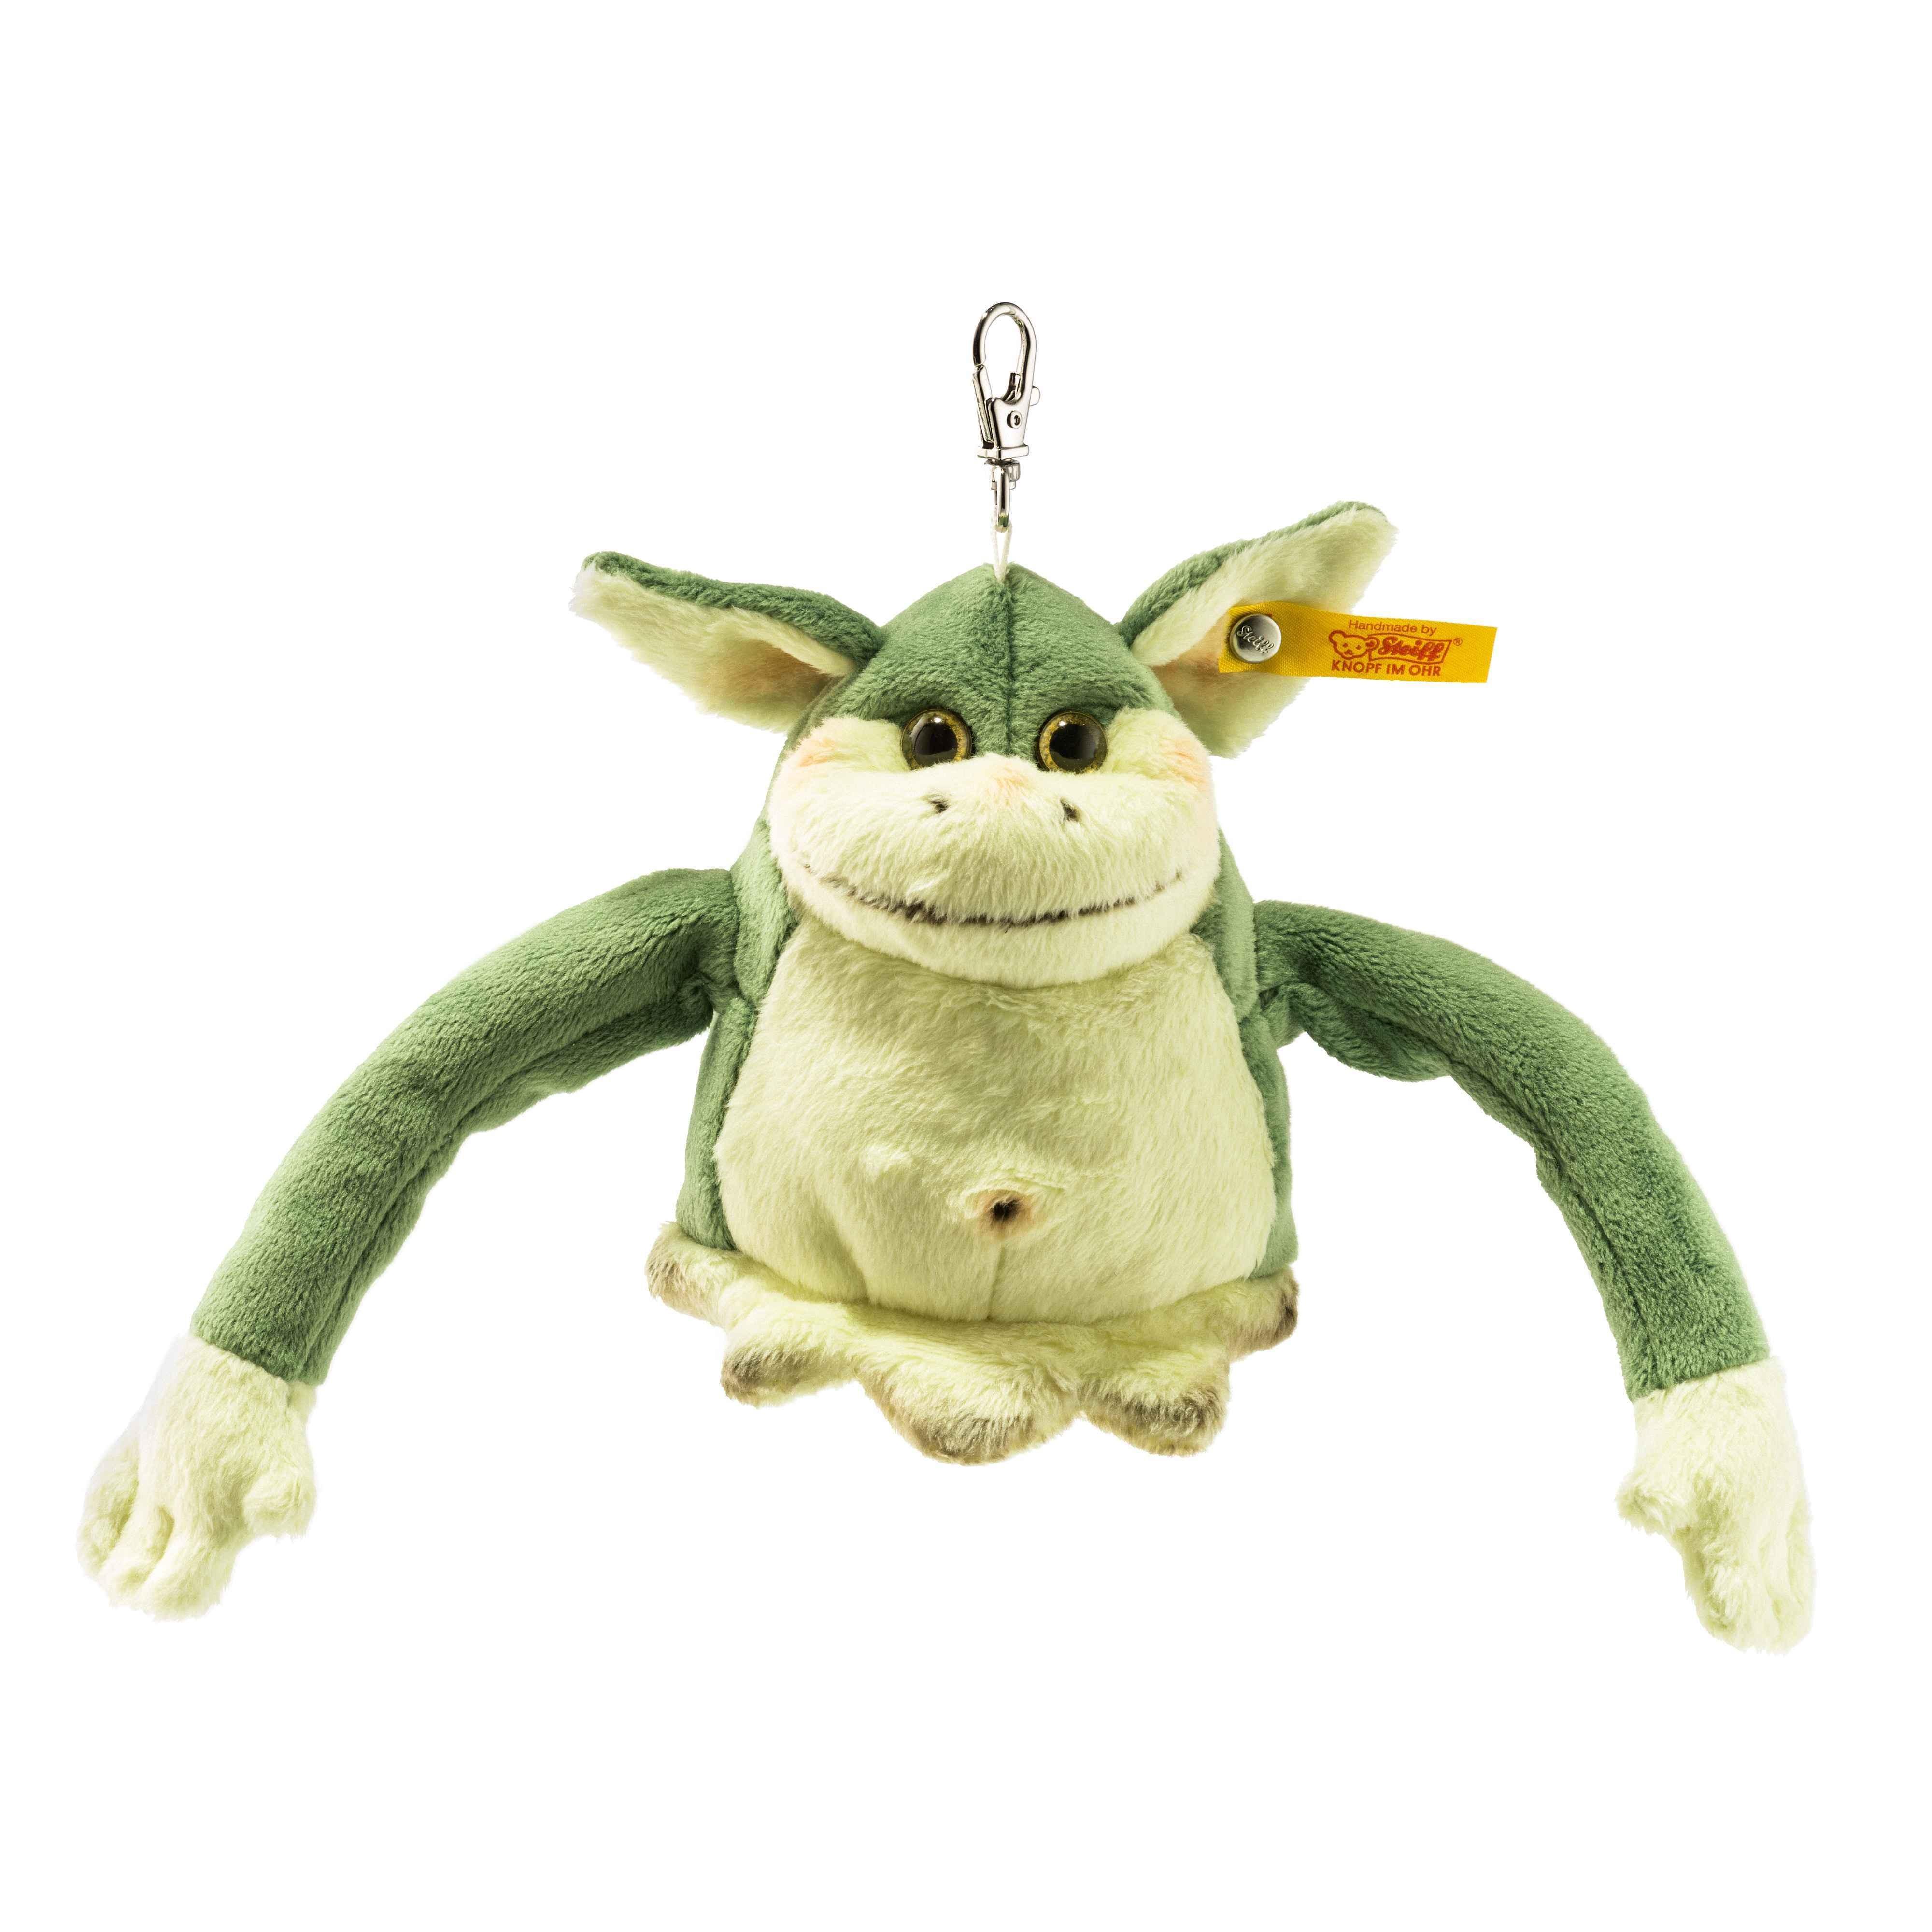 Steiff Pendant Edric Monster - Green - Soft Plush - 10cm - 112478